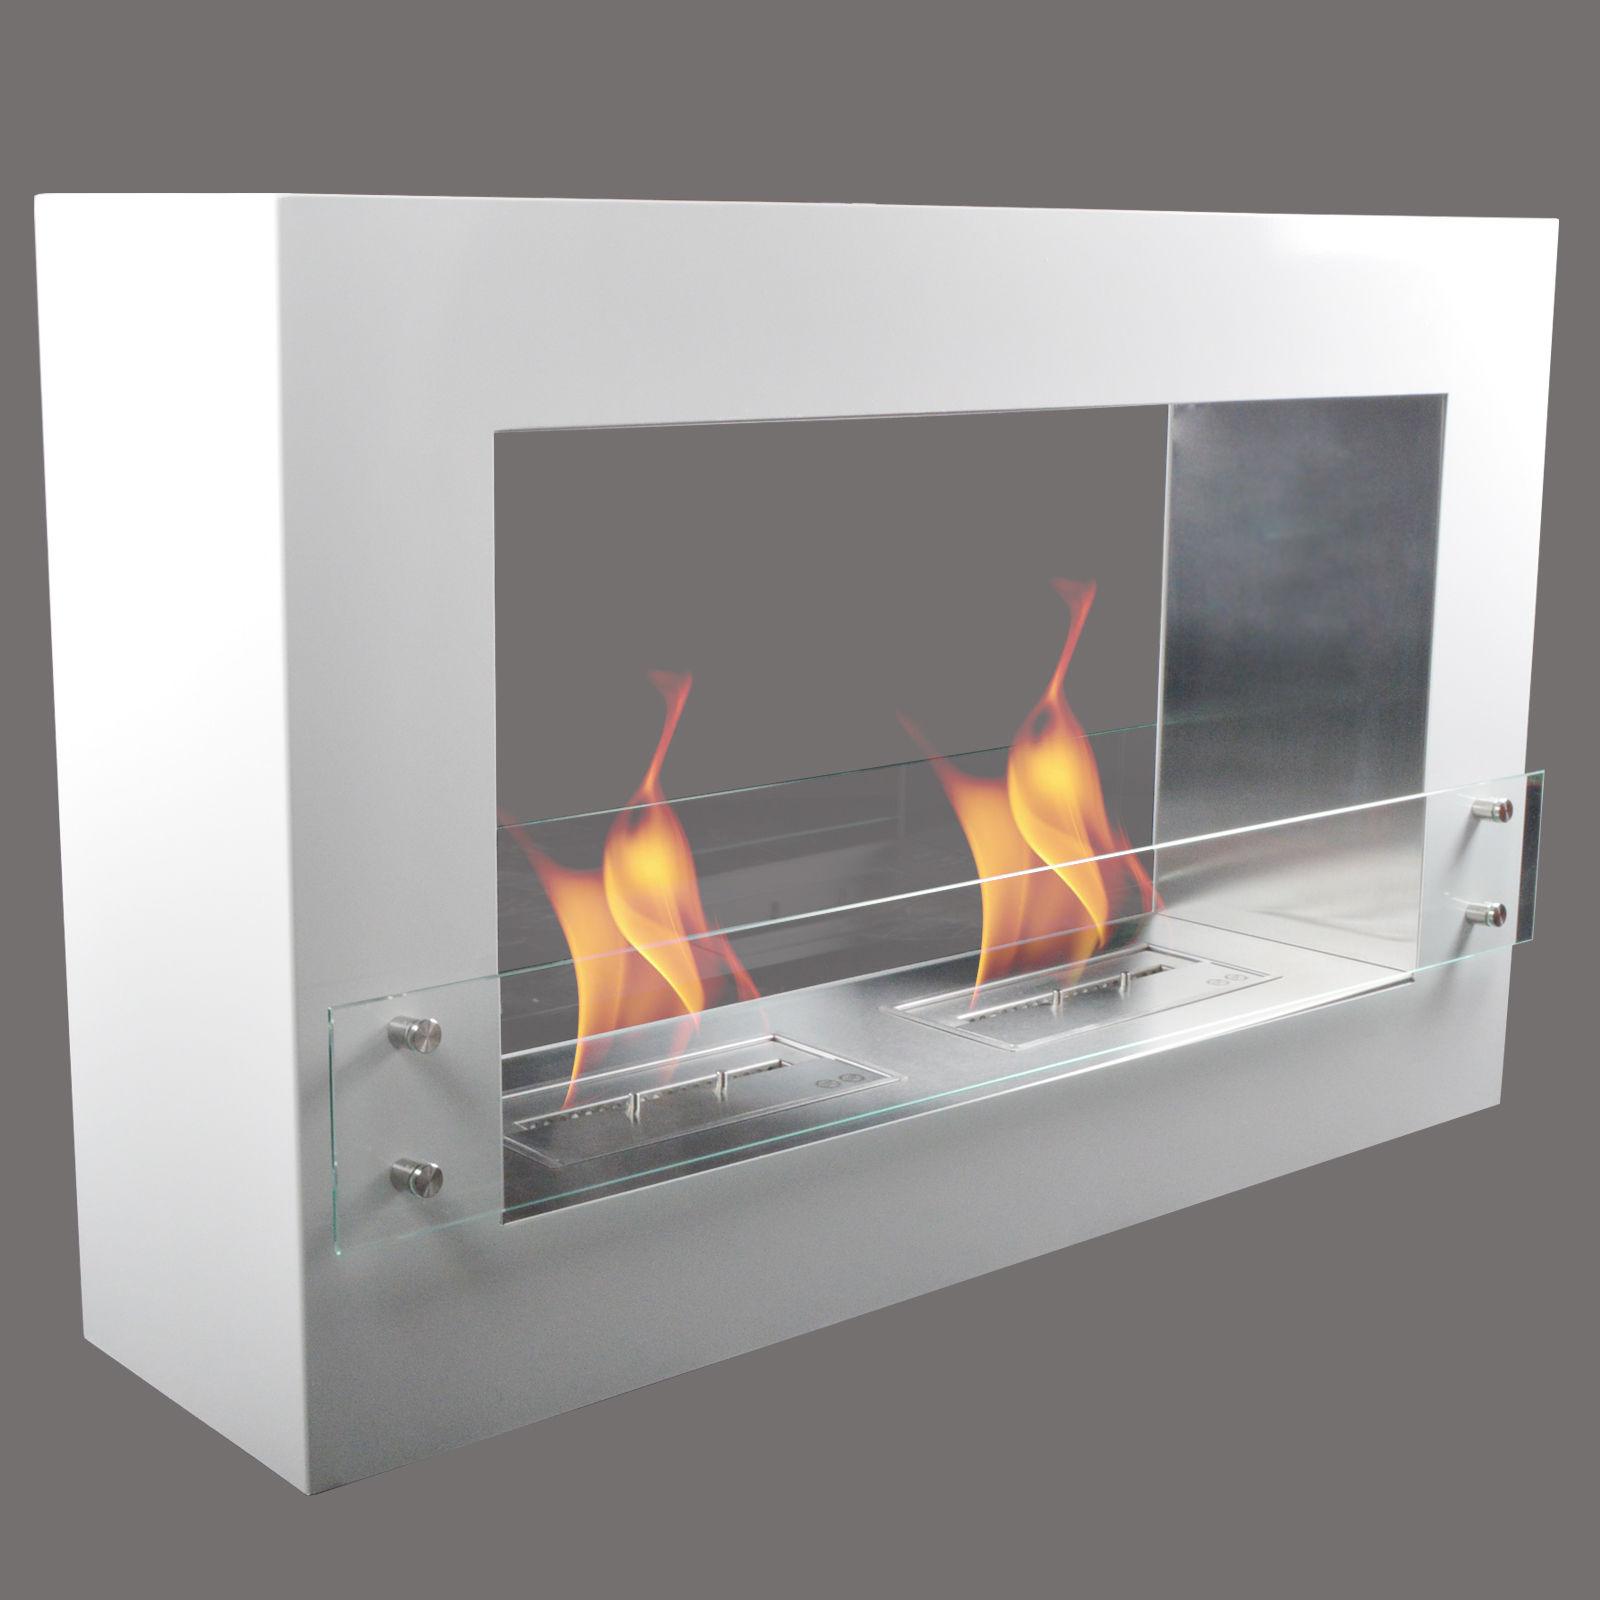 kamin wandkamin tischkamin ethanol kamin gelkamin brennkammer bioethanol ebay. Black Bedroom Furniture Sets. Home Design Ideas